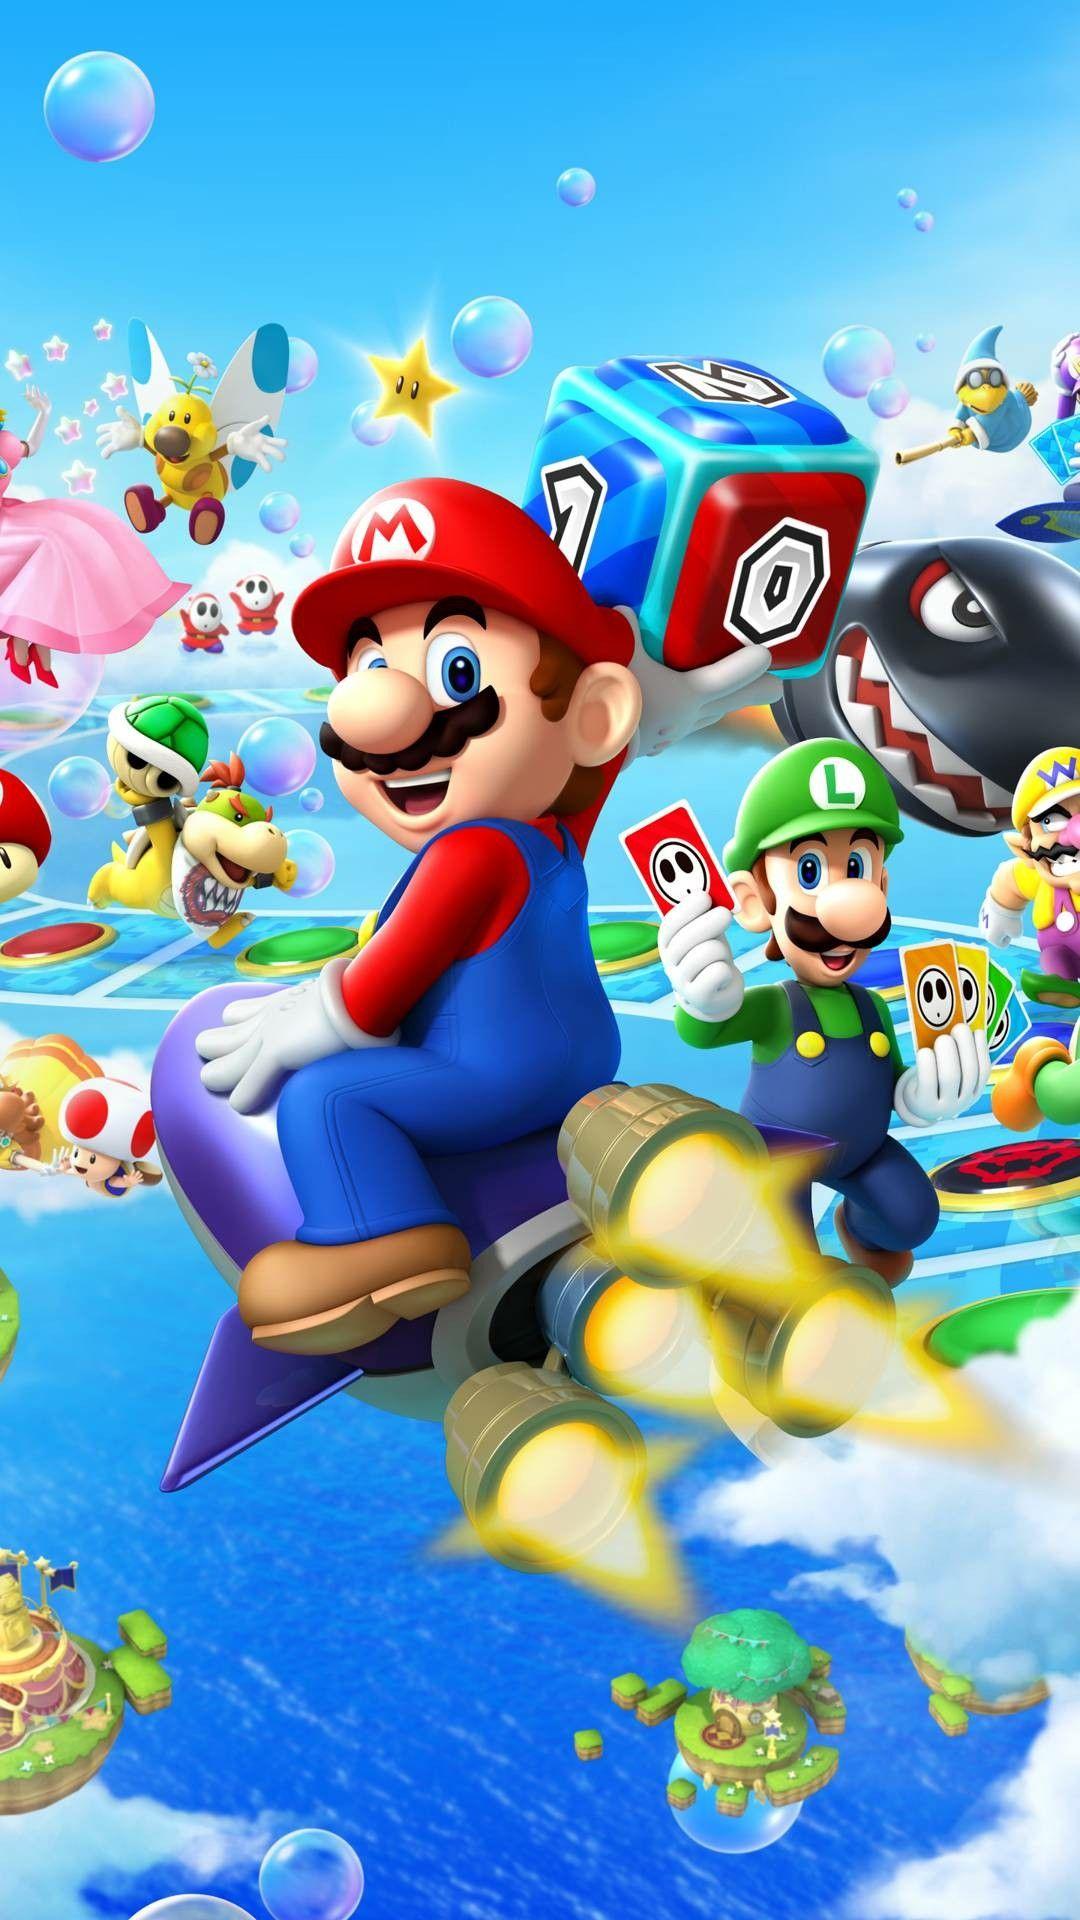 Mario Wallpaper Jogo Mario Bros Desenhos Do Mario Super Mario